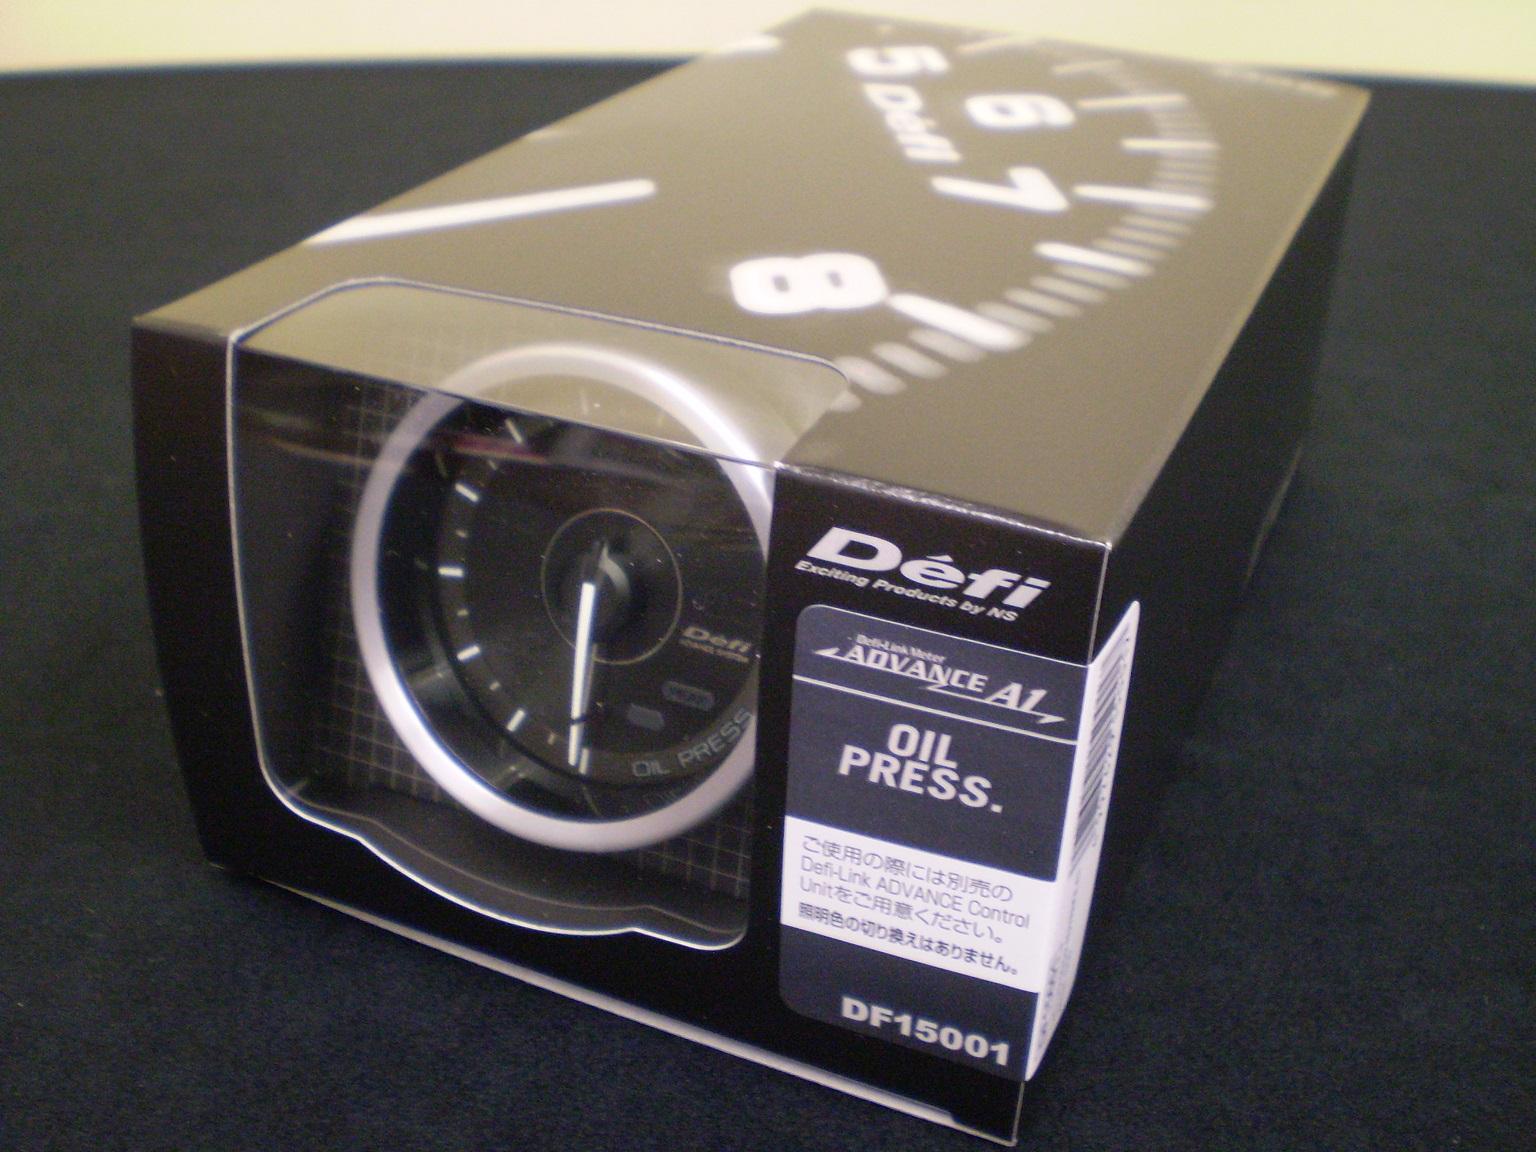 日本精機 Defi デフィ ADVANCE A1 60Φ 油圧計 DF15001「送料無料!!」